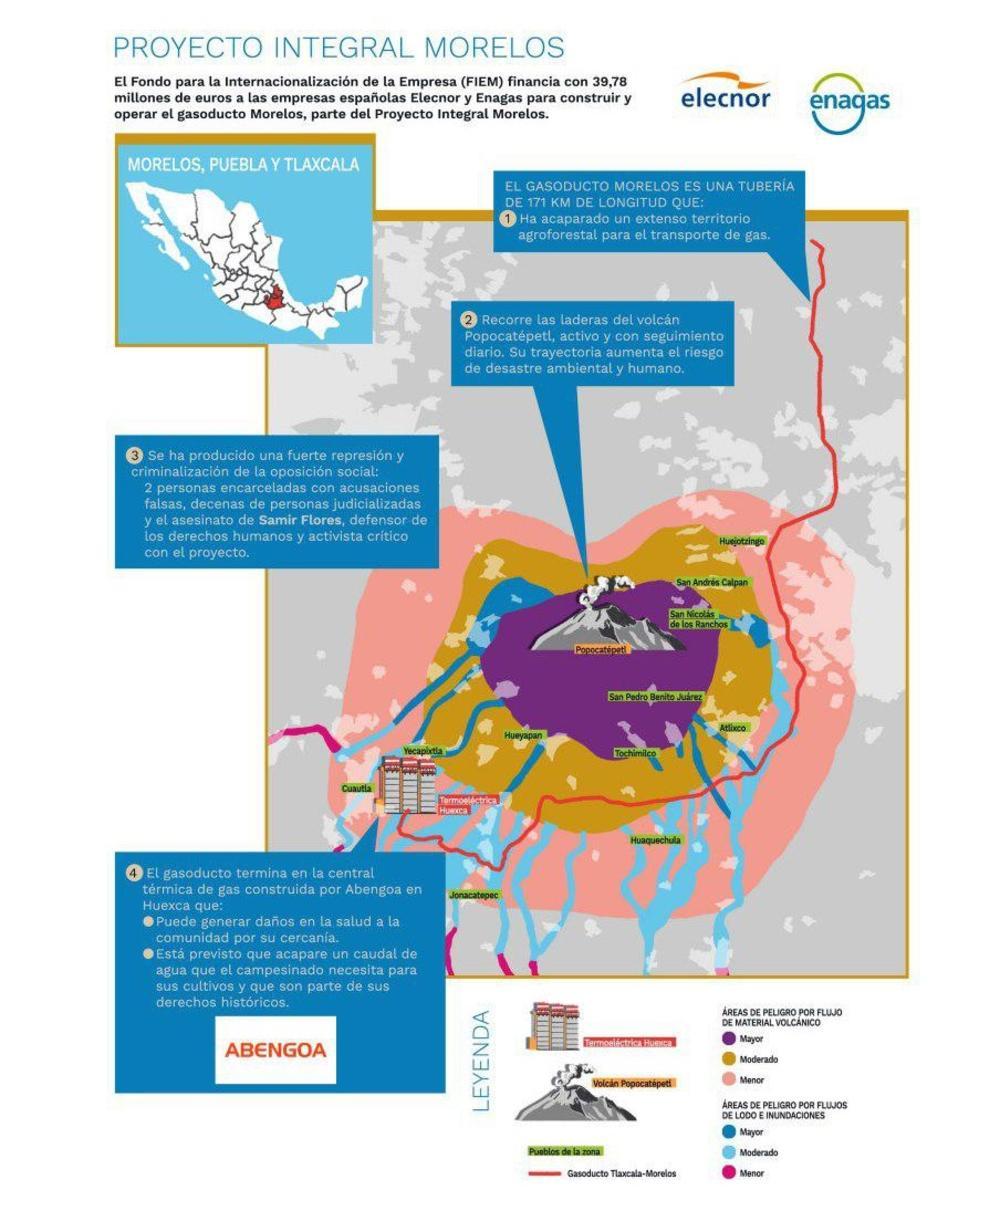 Comunidades indígenas paralizan un megaproyecto de capital español en México (Morelos)